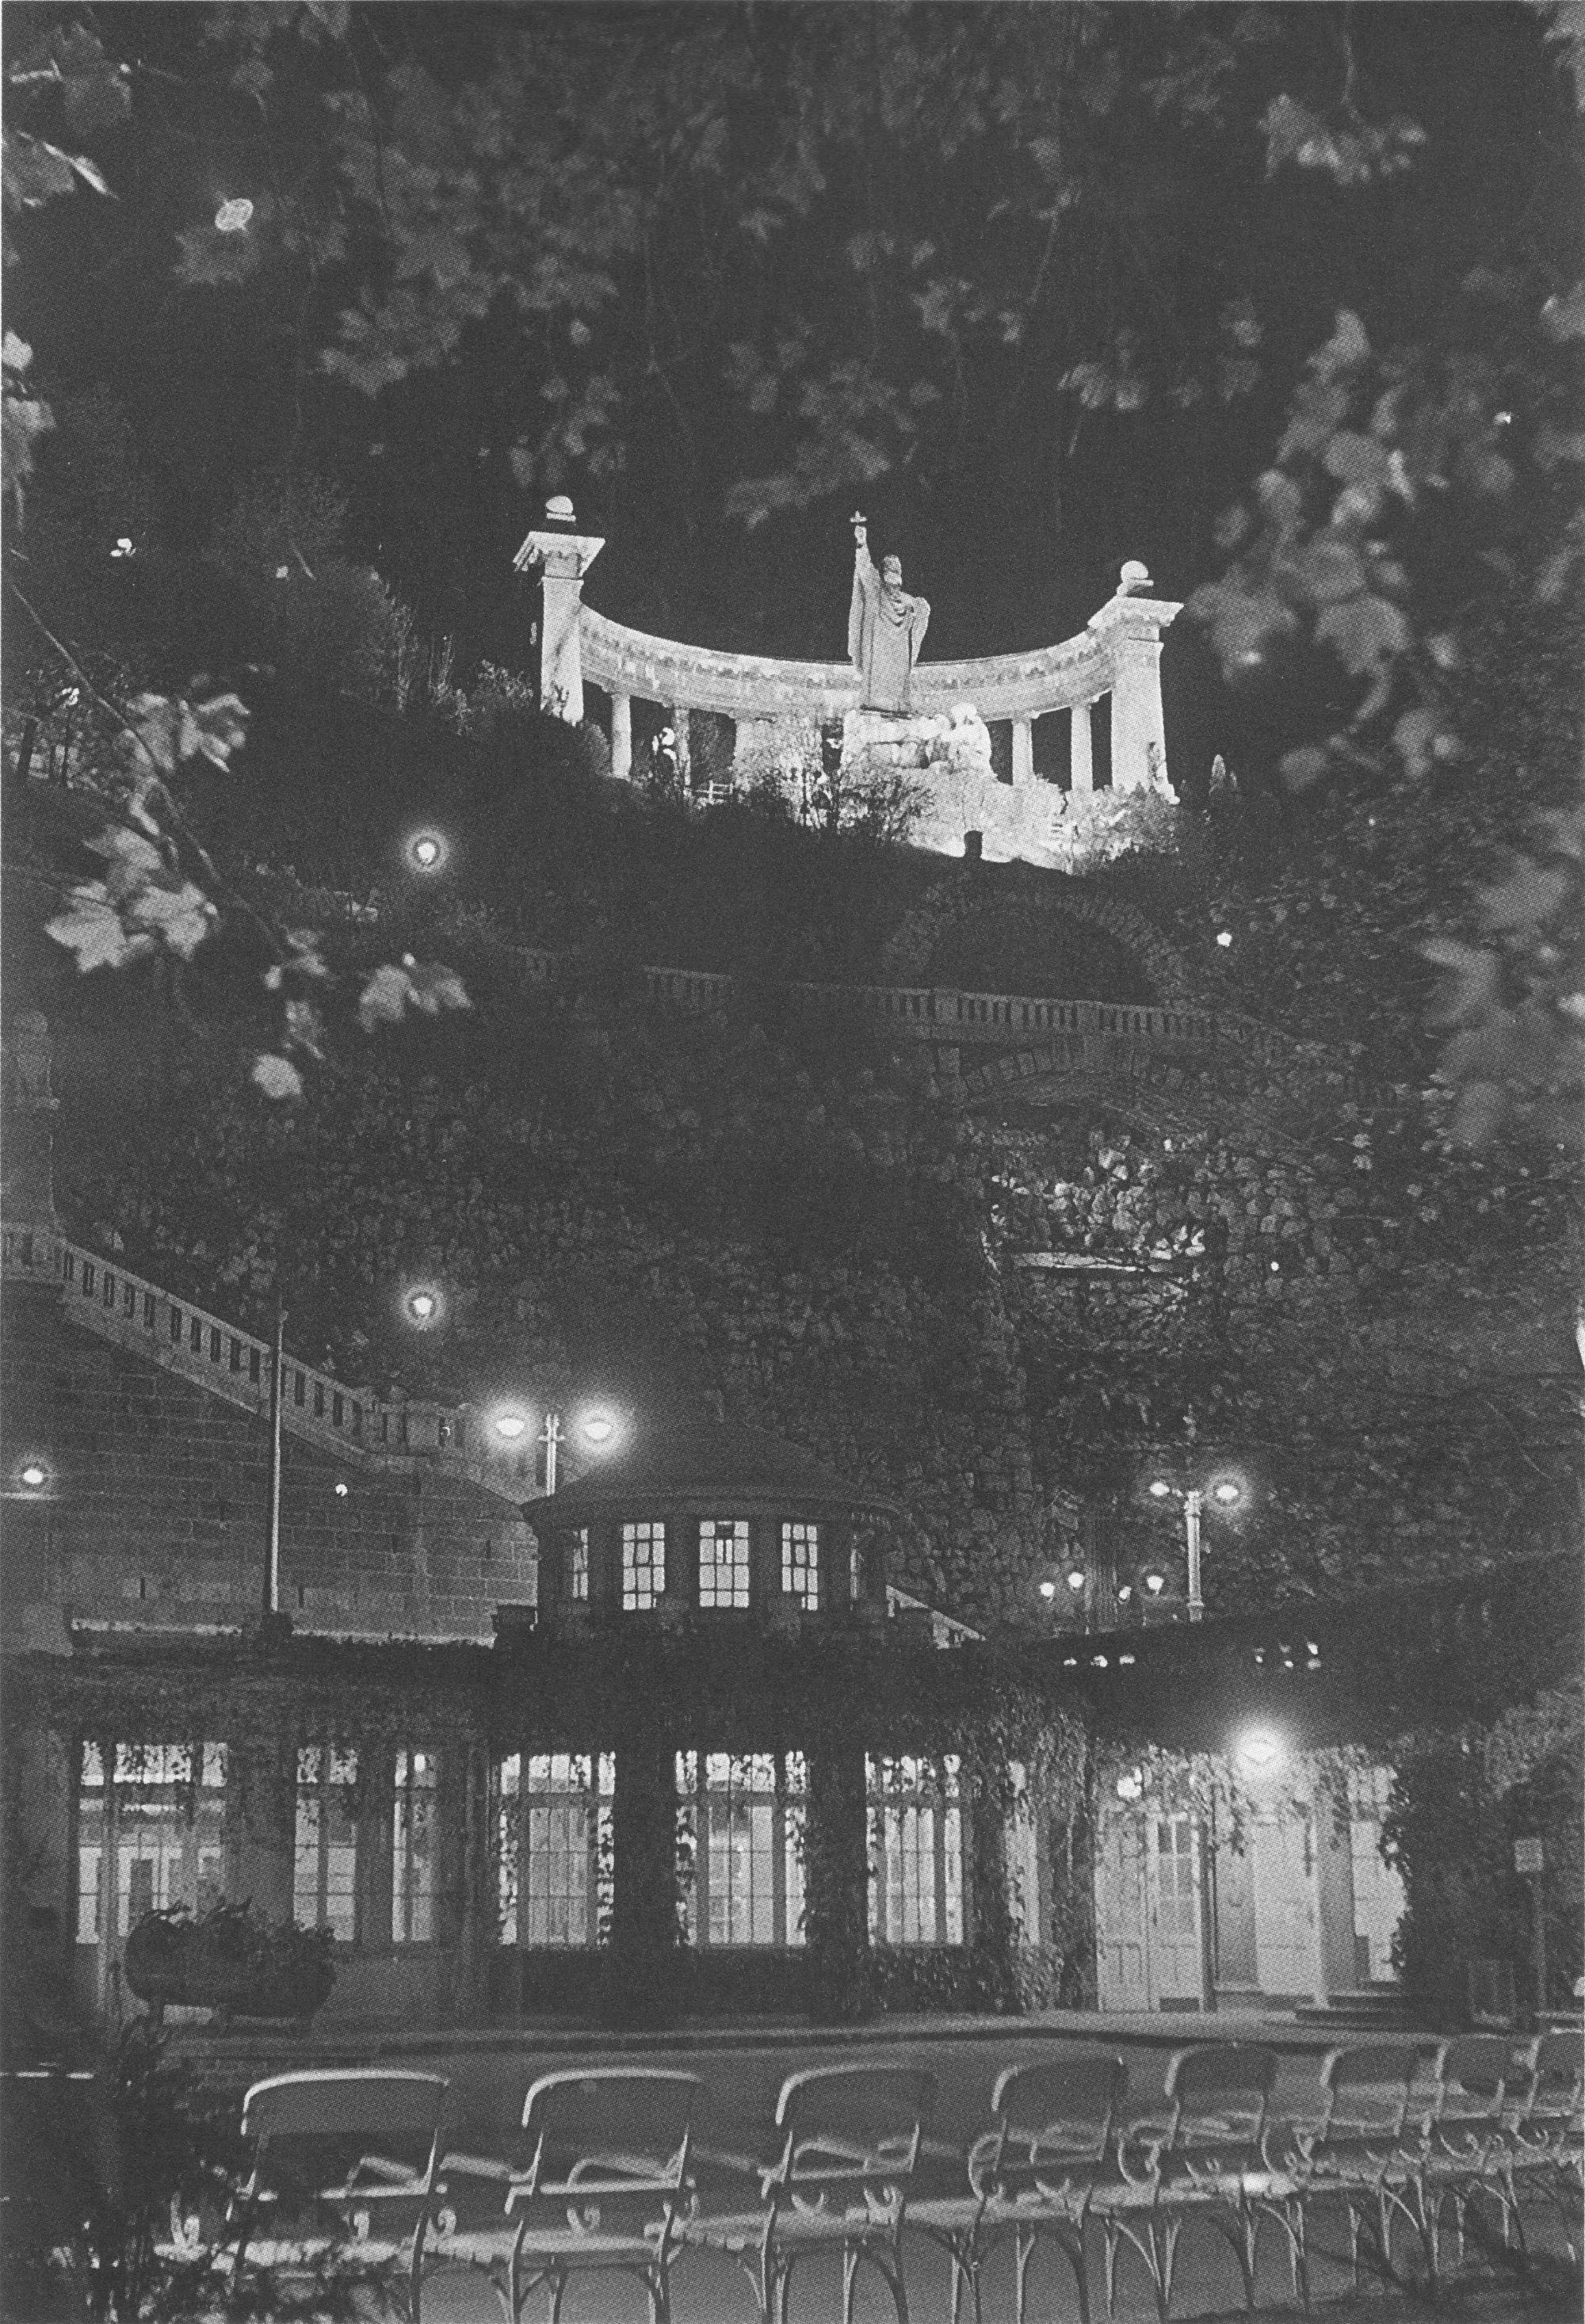 Fotó: Dulovits Jenő: Szent Gellért kivilágított szobra, az Erzsébet-híd alatti Ivócsarnok felől, 1930-as évek vége © Fejér Zoltán gyűjteménye